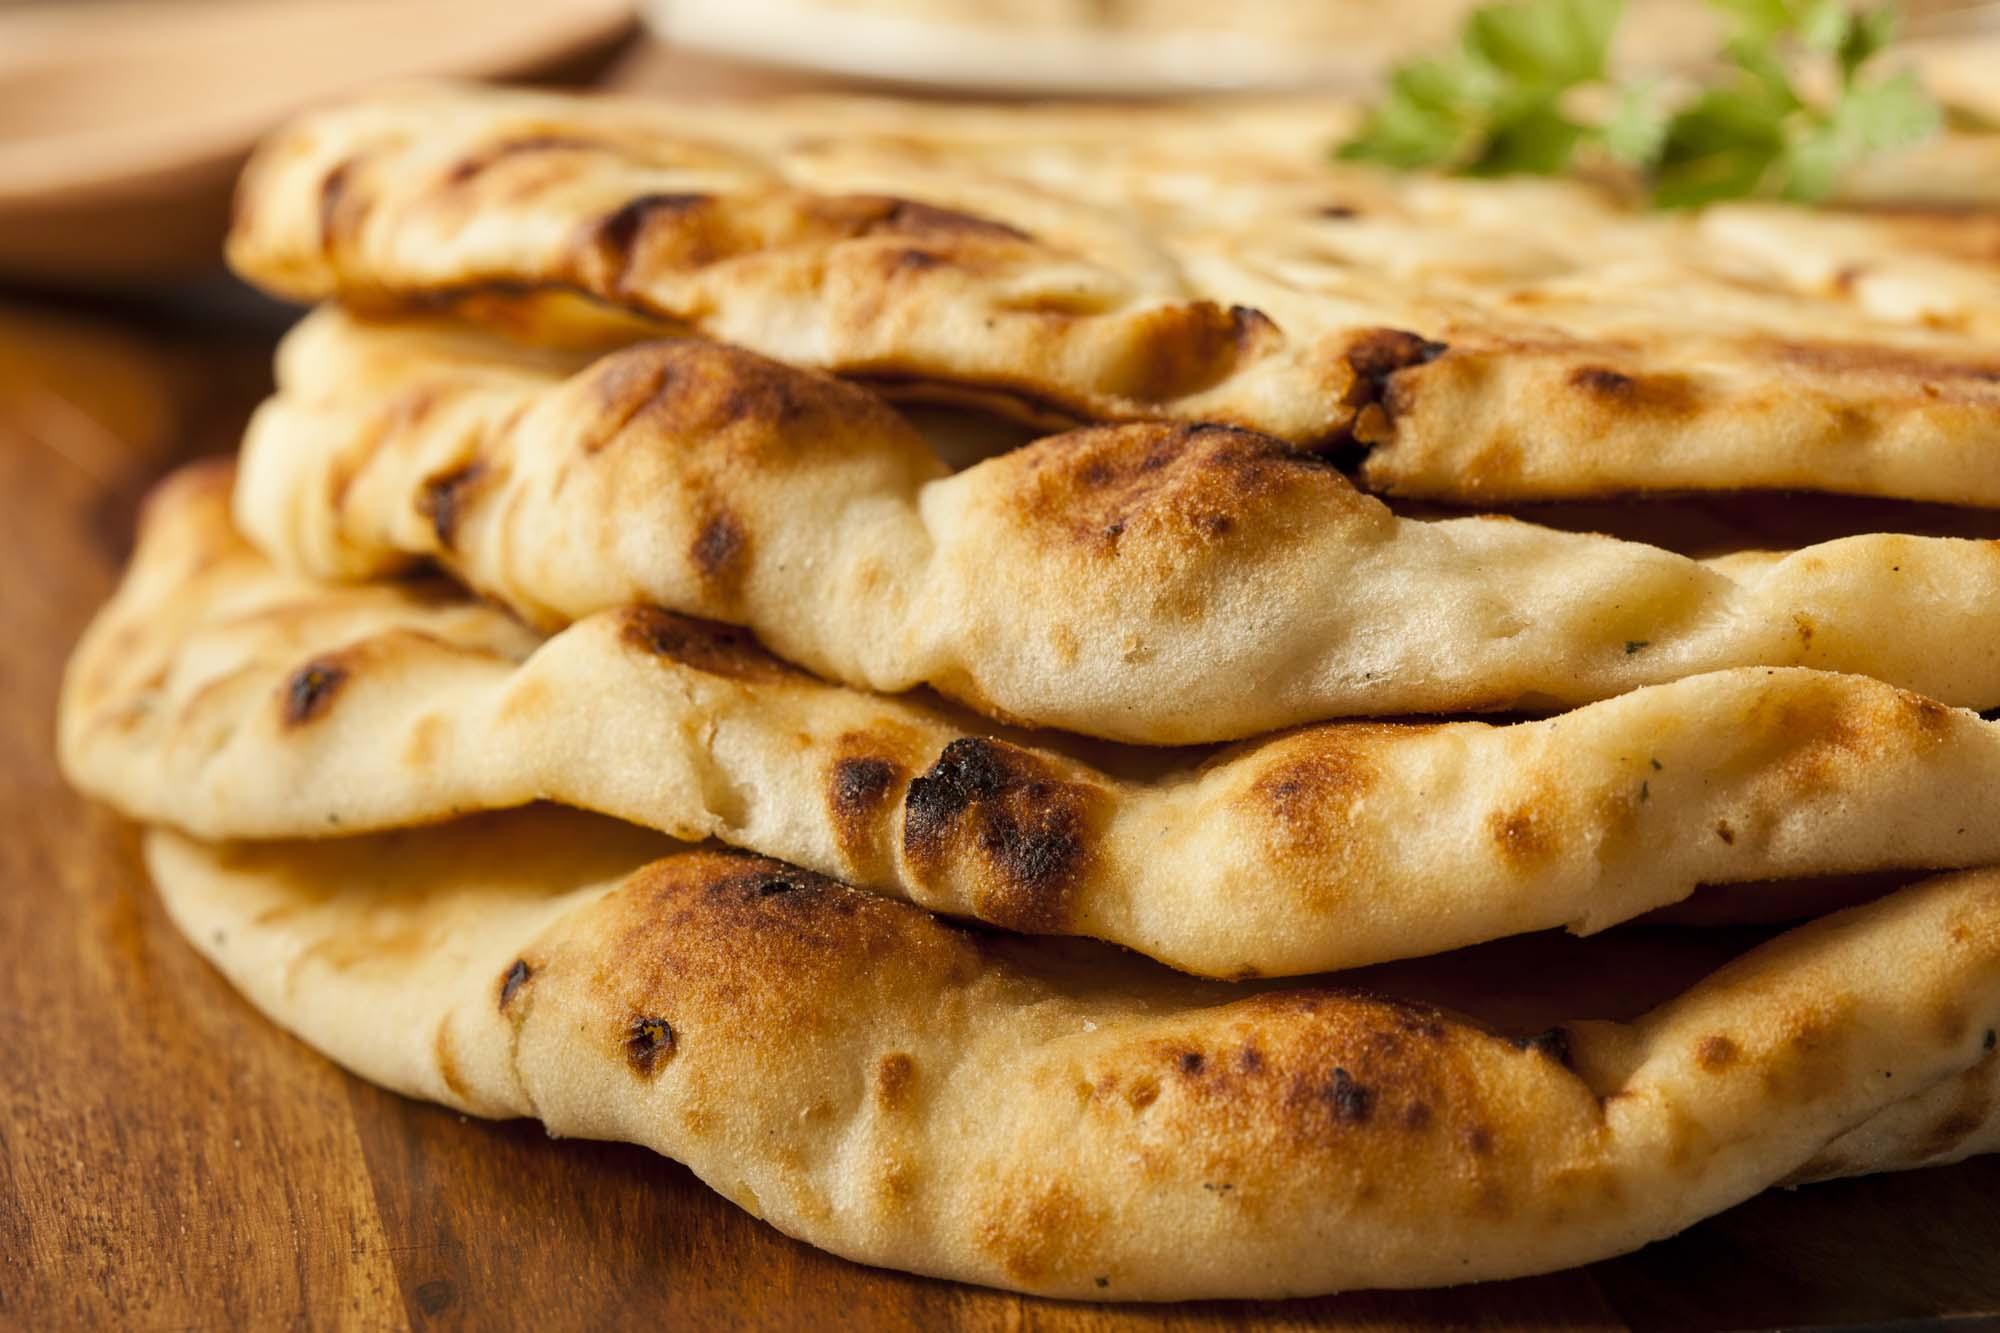 Marokkansk fladbrød